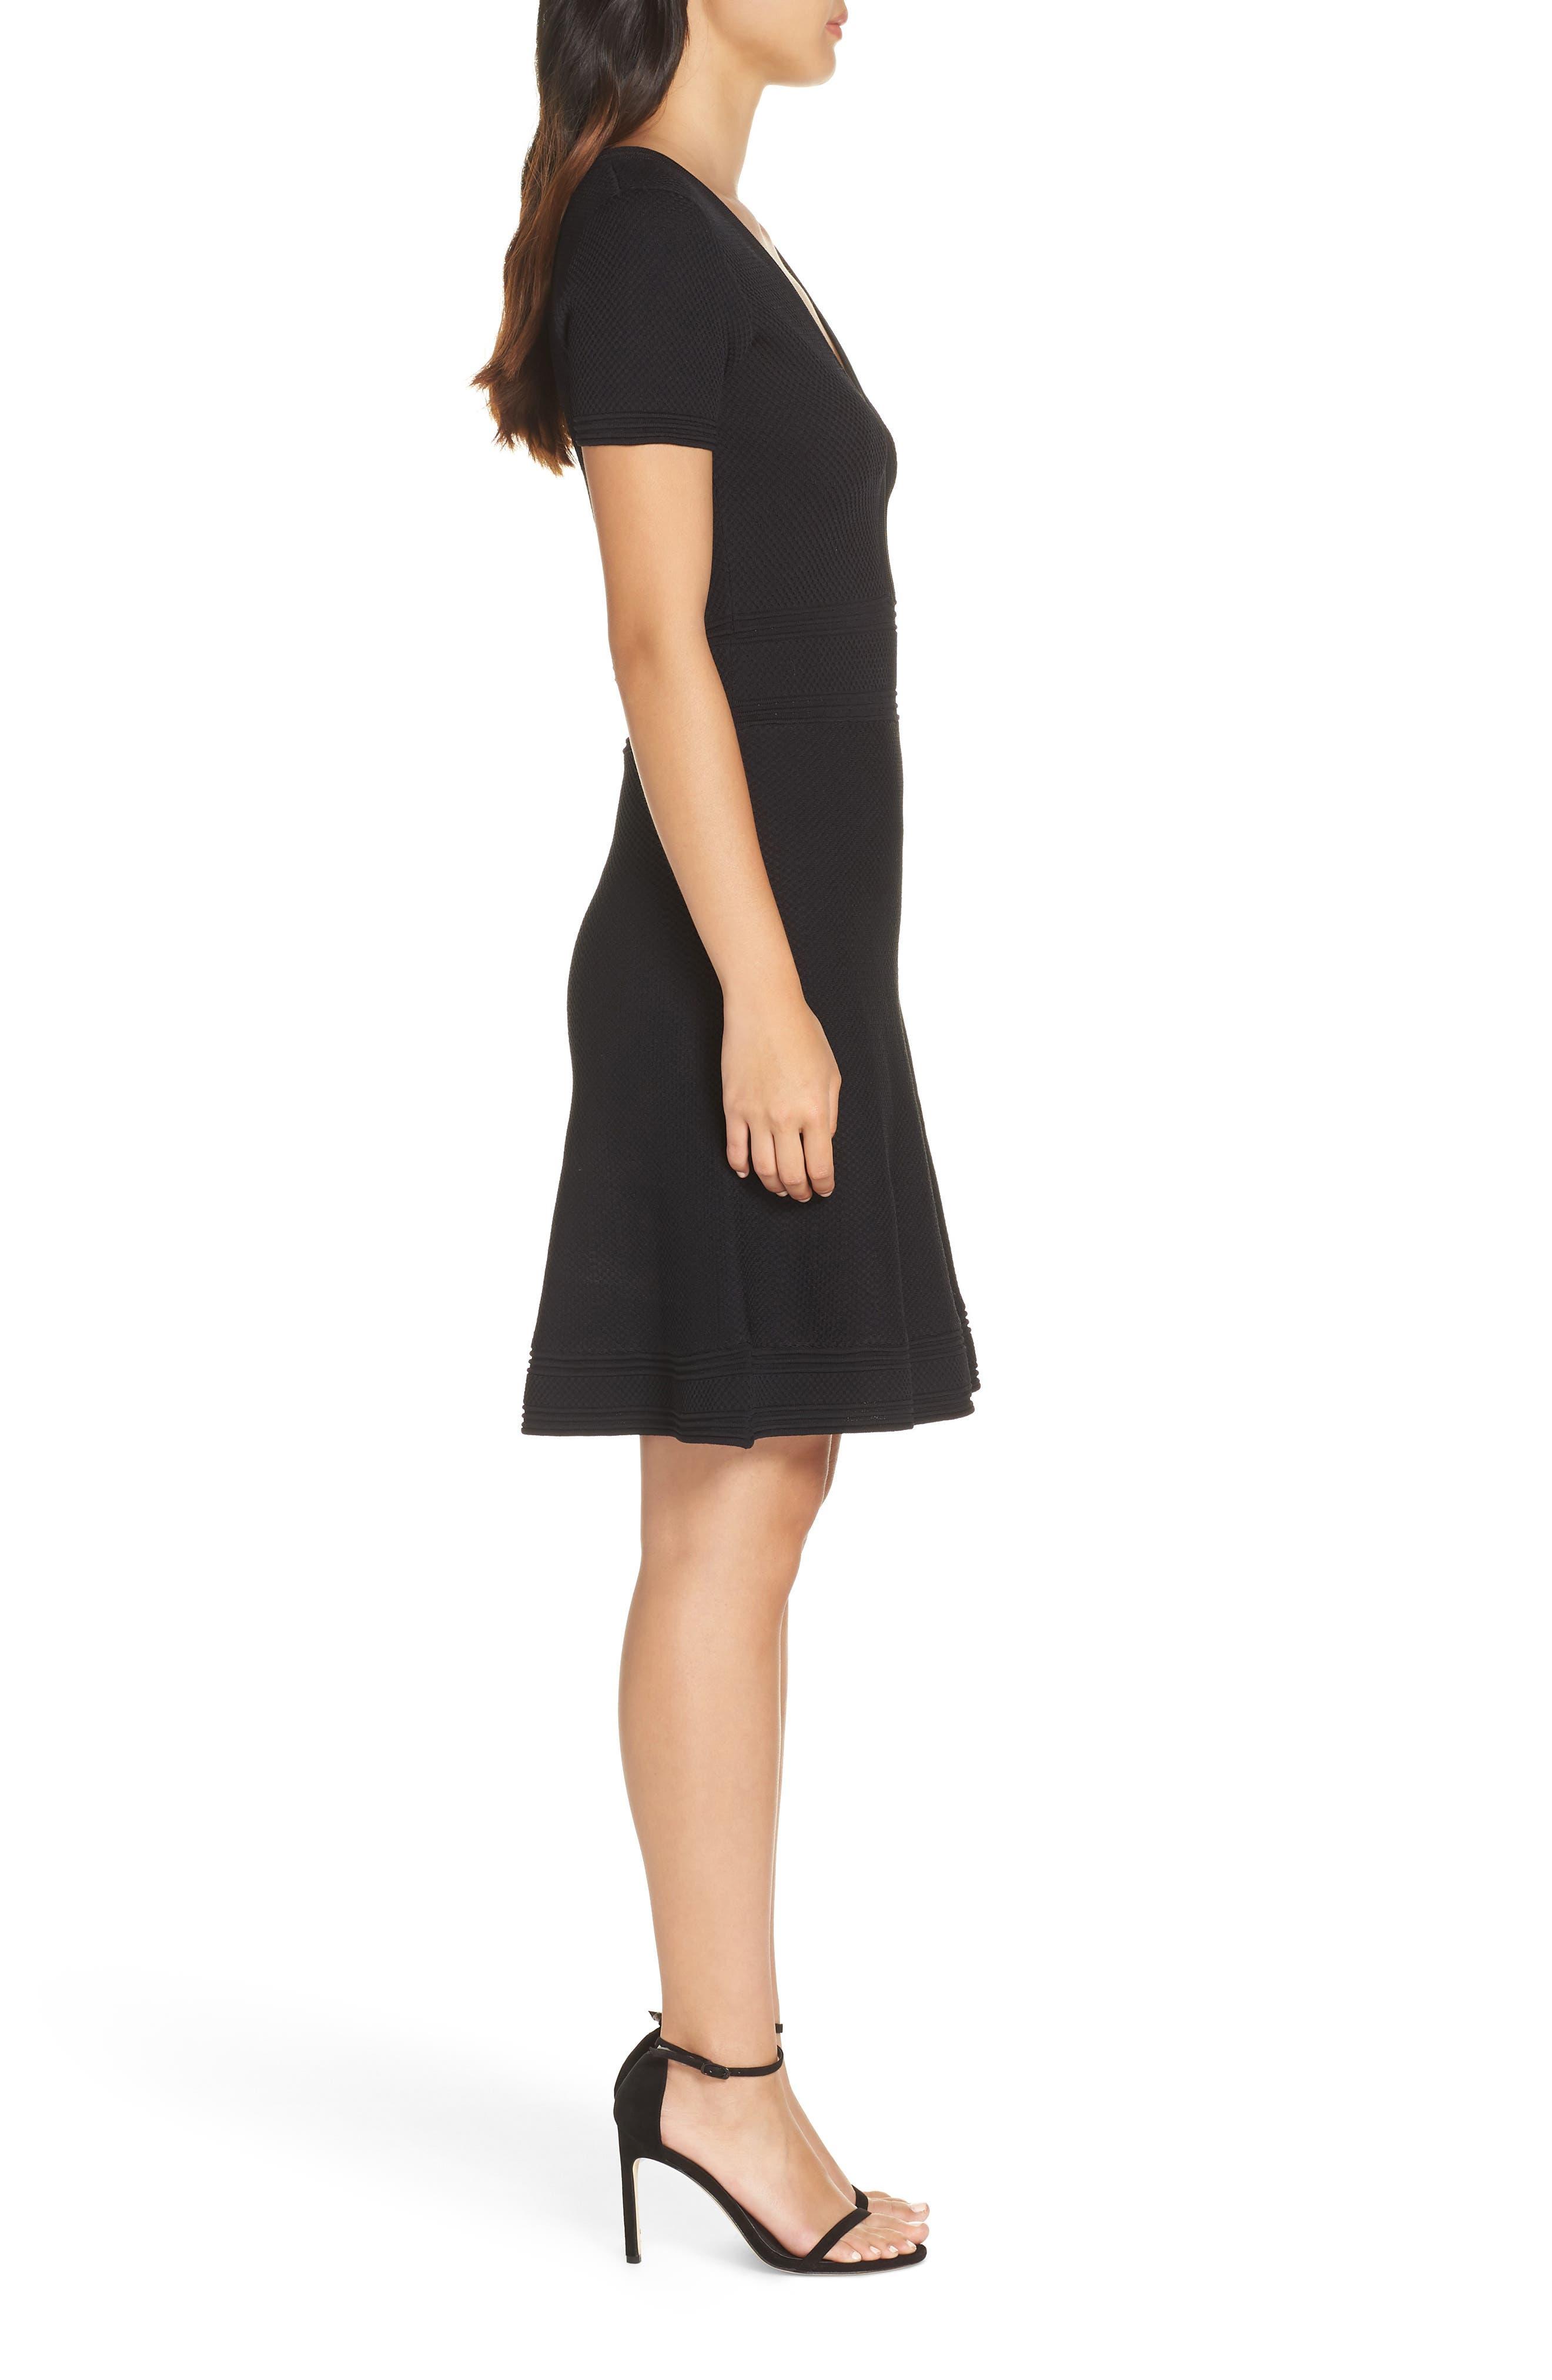 Ellie Knits V-Neck Fit & Flare Dress,                             Alternate thumbnail 3, color,                             BLACK